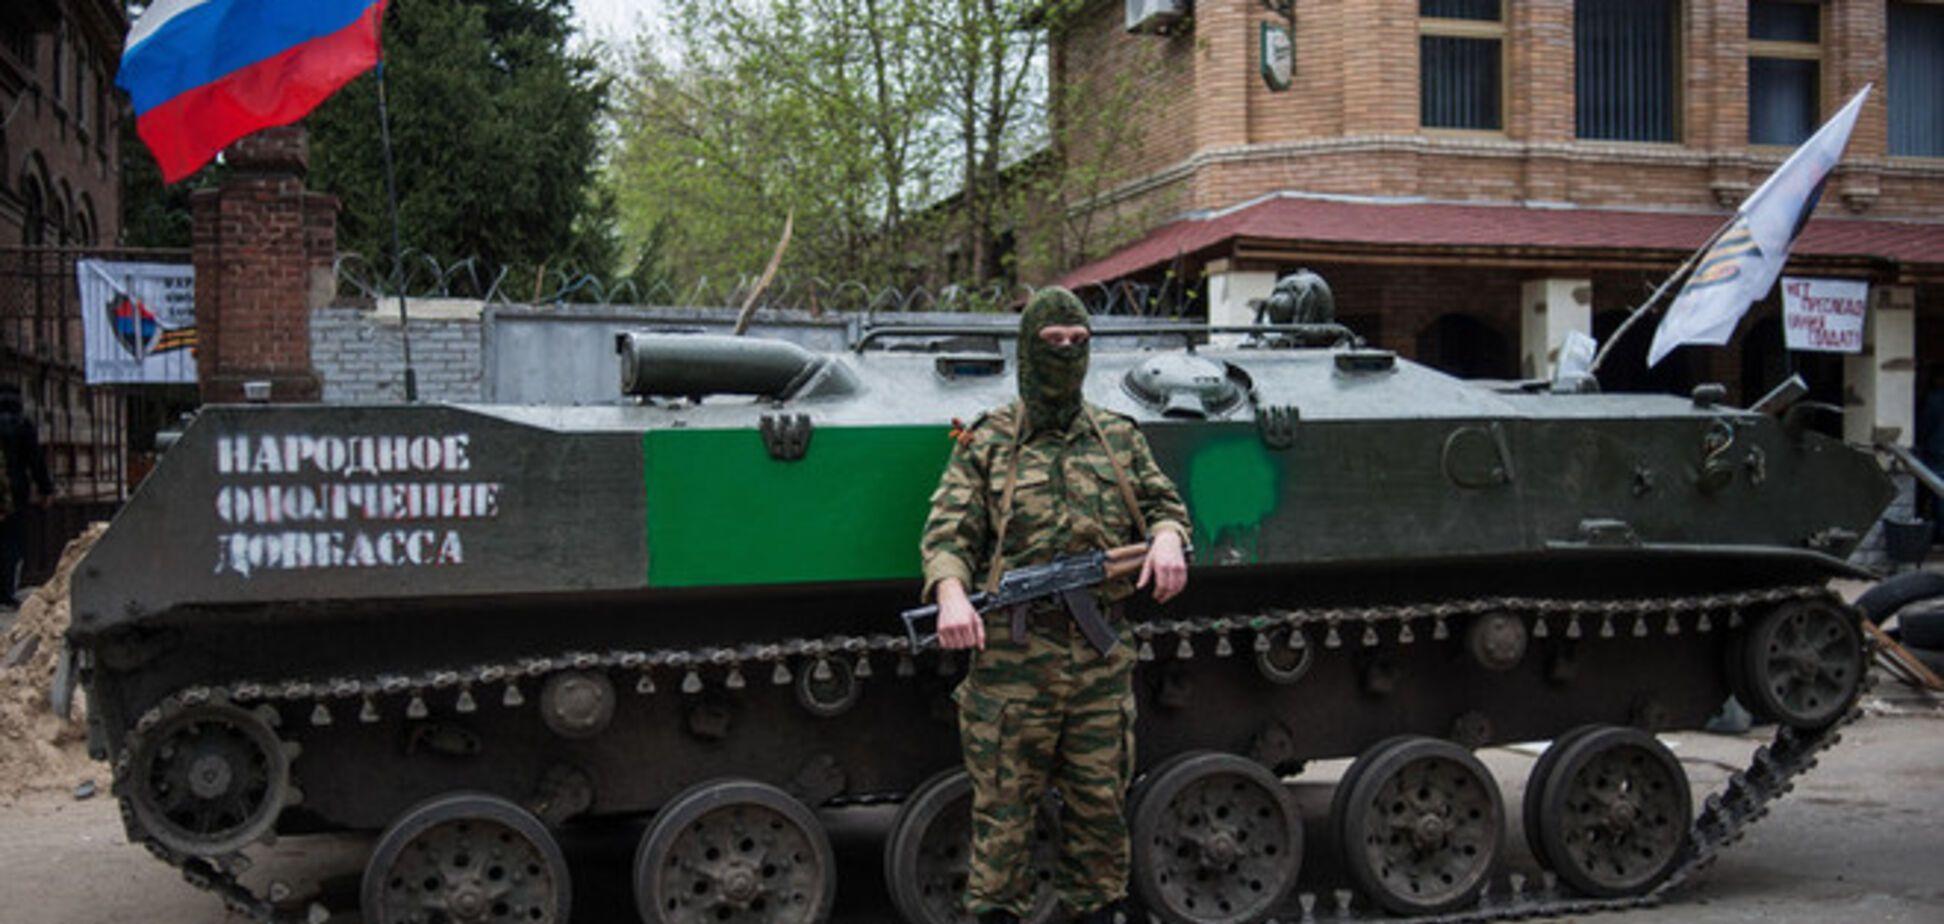 В случае атаки террористов на Бердянск получим 'котел' больше, чем в Иловайске - командир 'Азова'